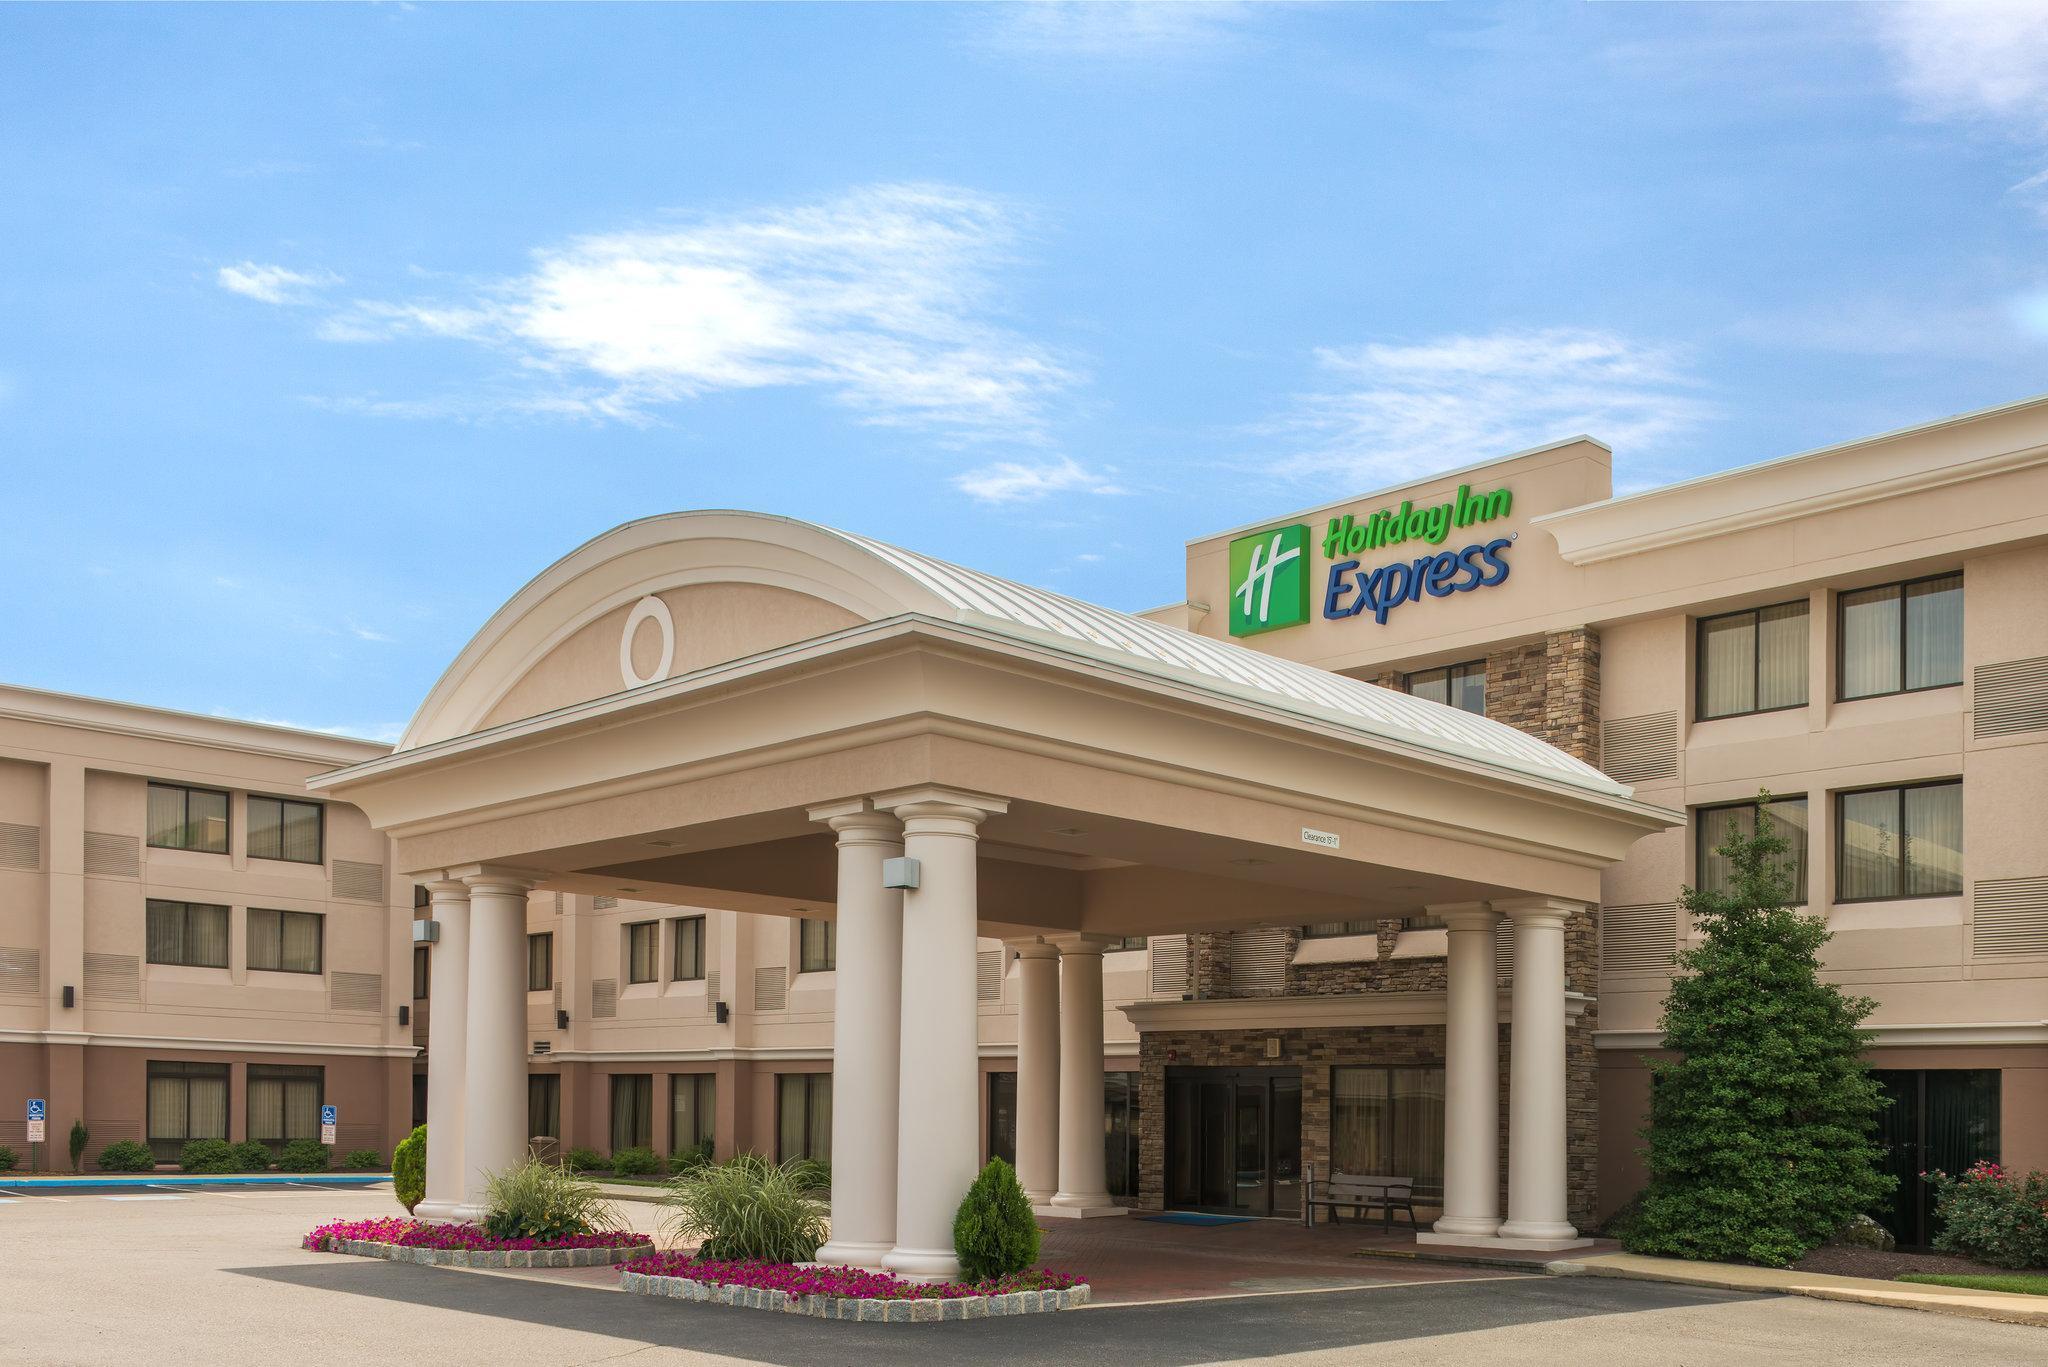 Holiday Inn Express Bensalem